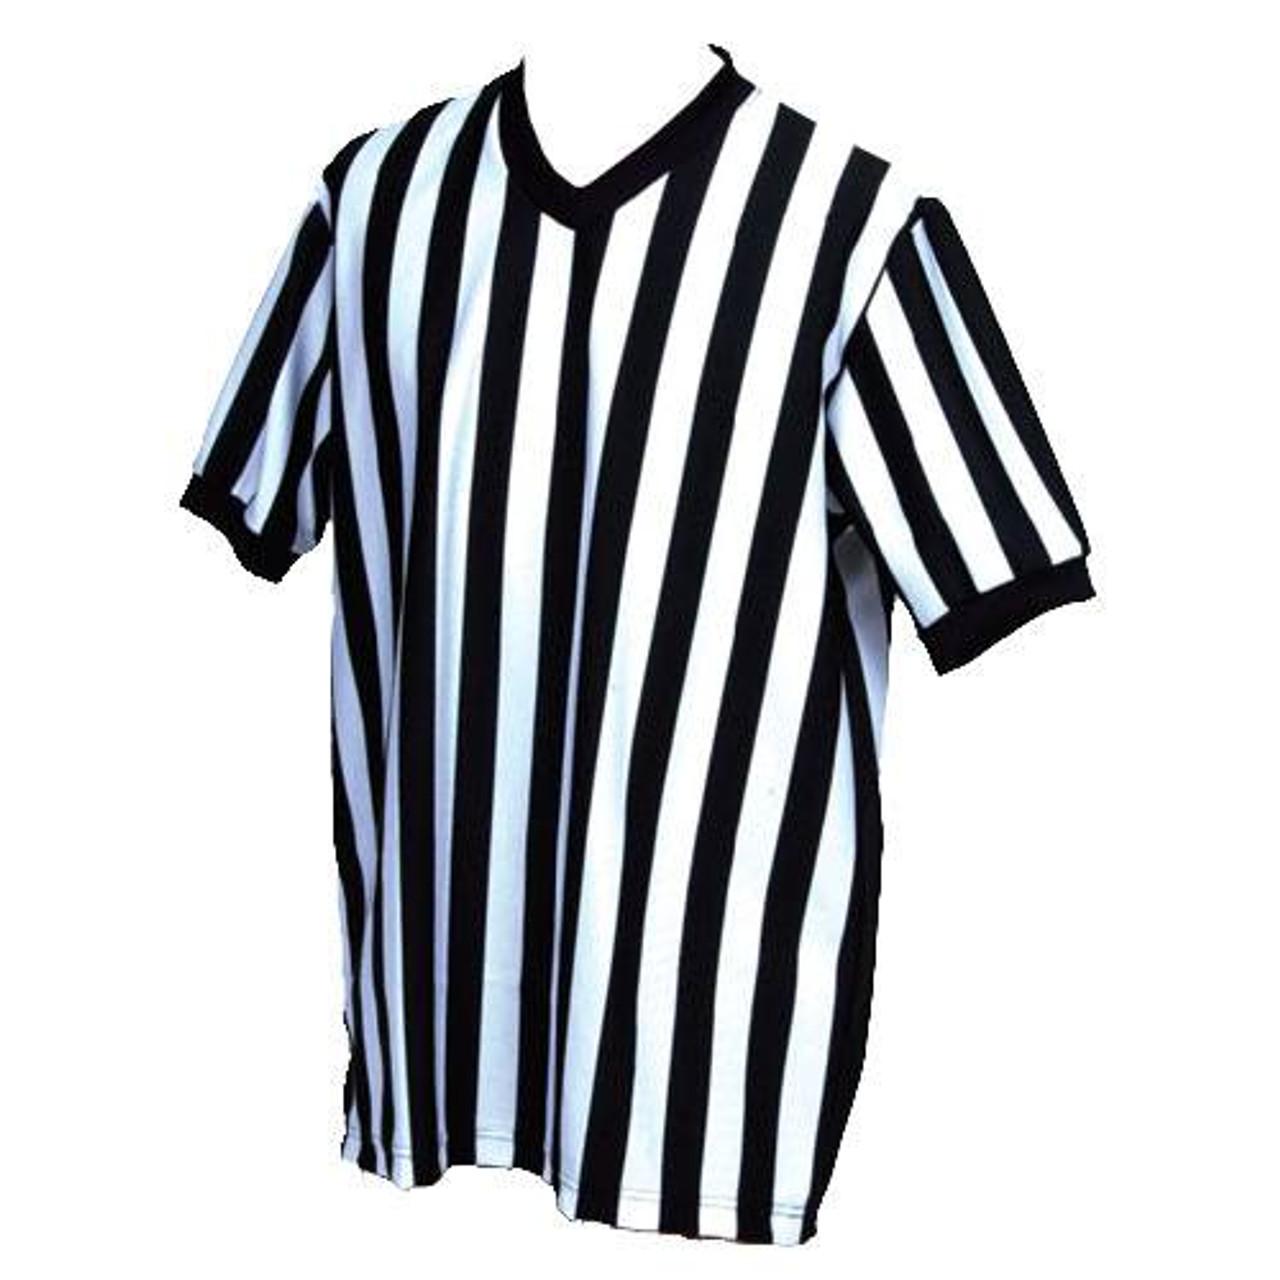 Referee/Officials V-Neck Jersey